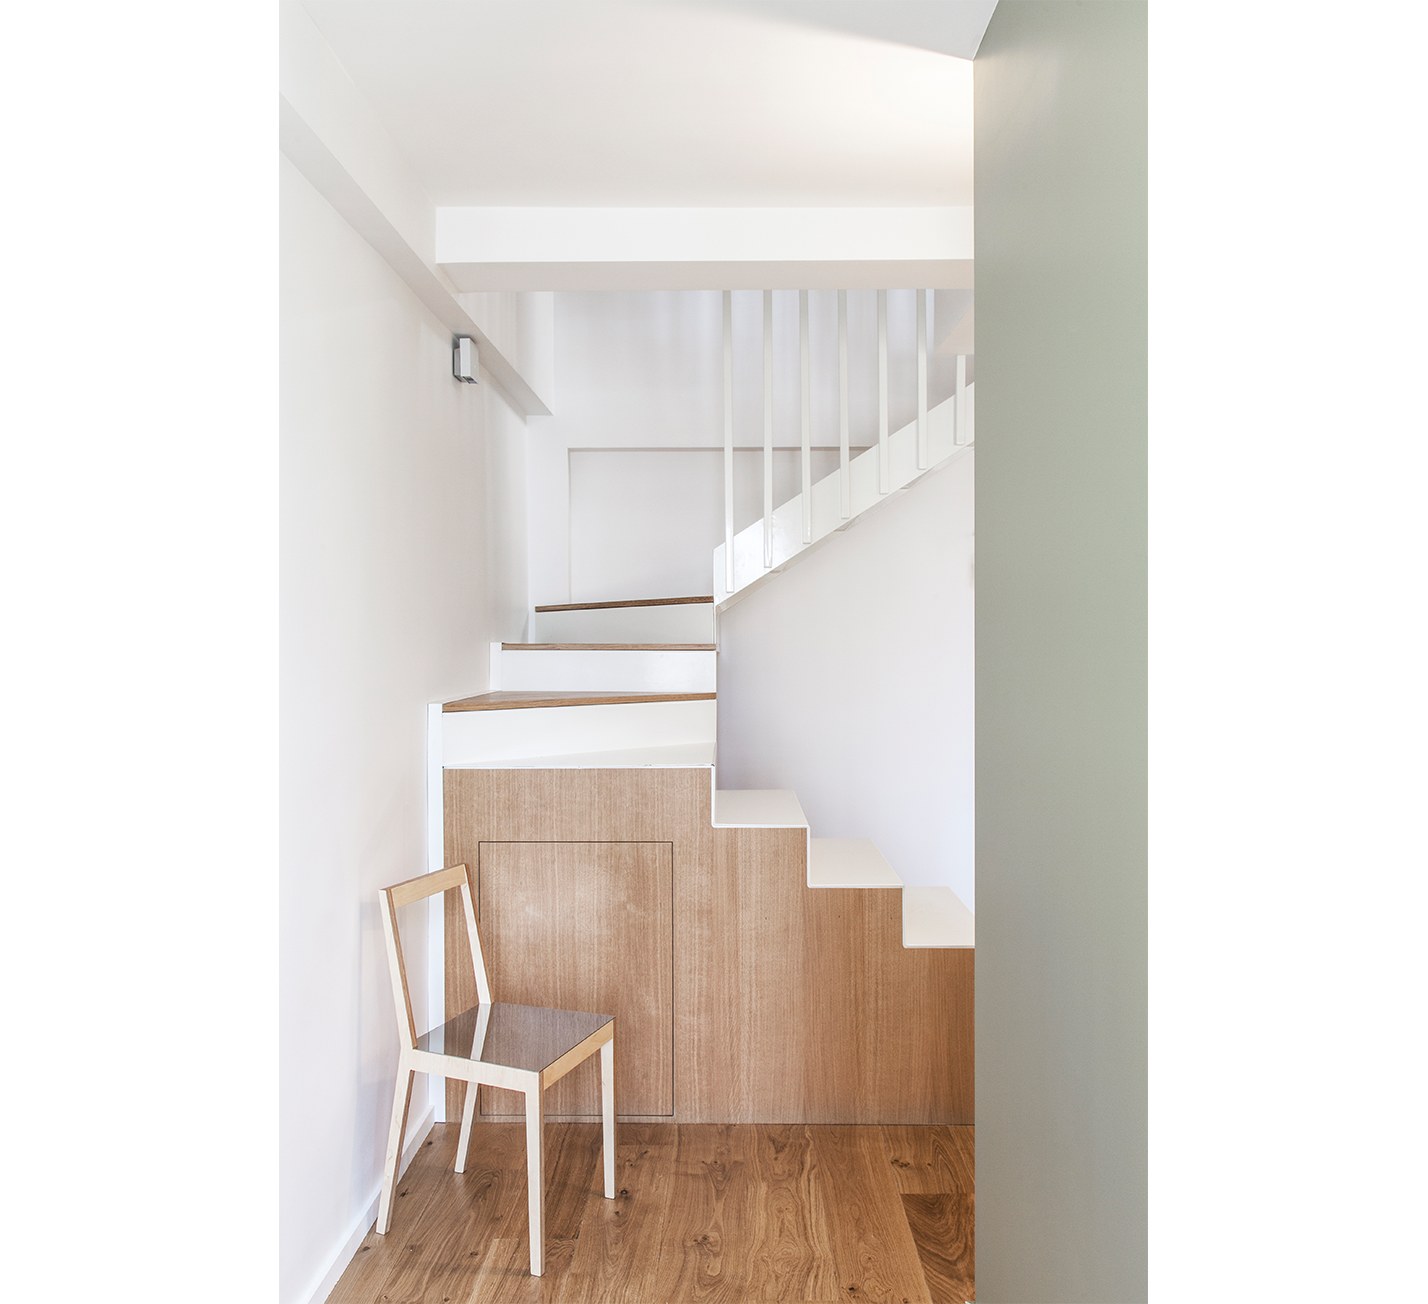 Projet-Pigalle-Atelier-Steve-Pauline-Borgia-Architecture-interieur-17